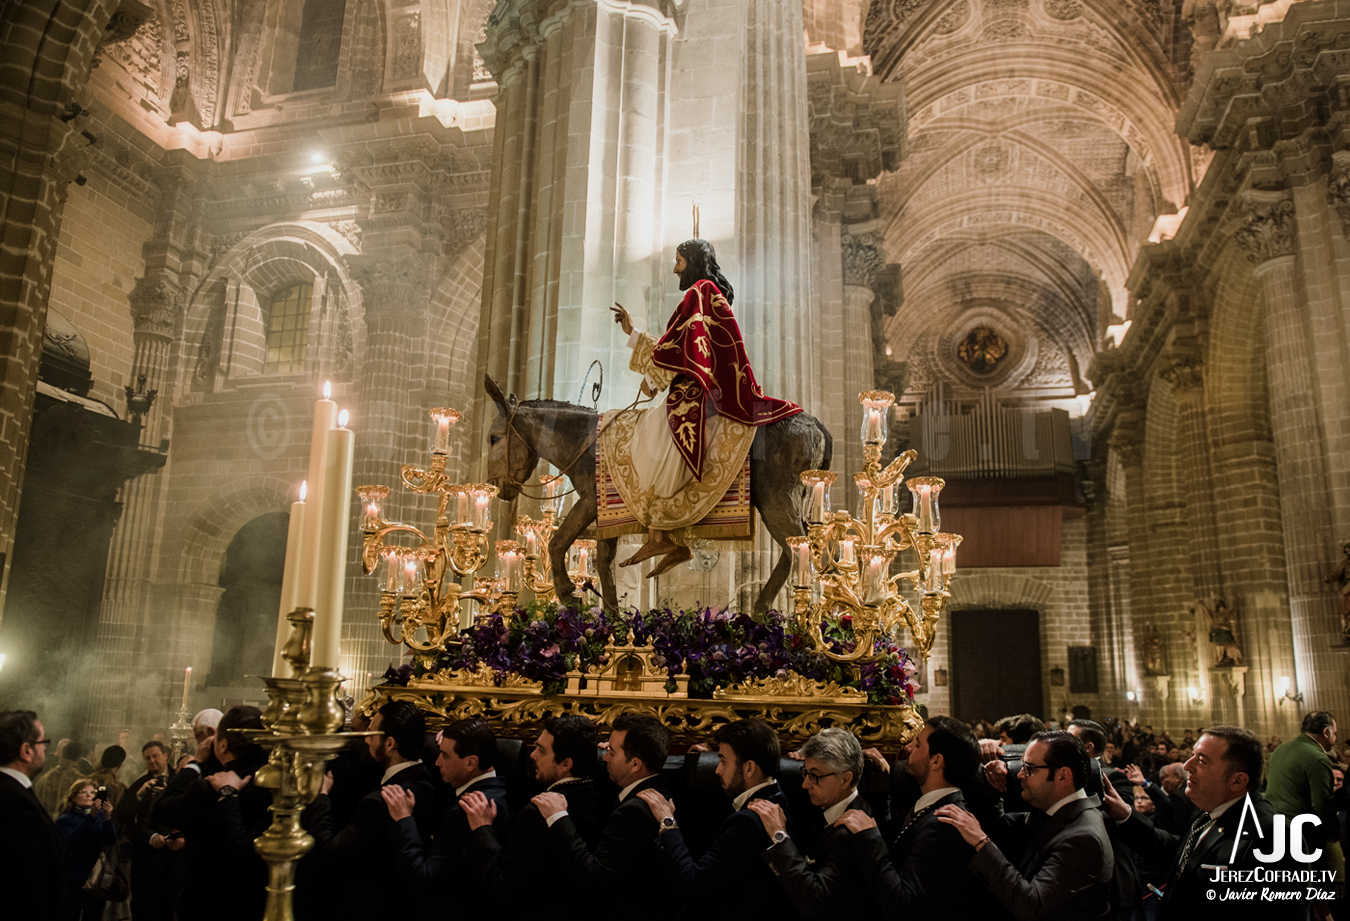 007- Via Crucis Union de Hermandades – Cristo Rey – Jerezcofrade